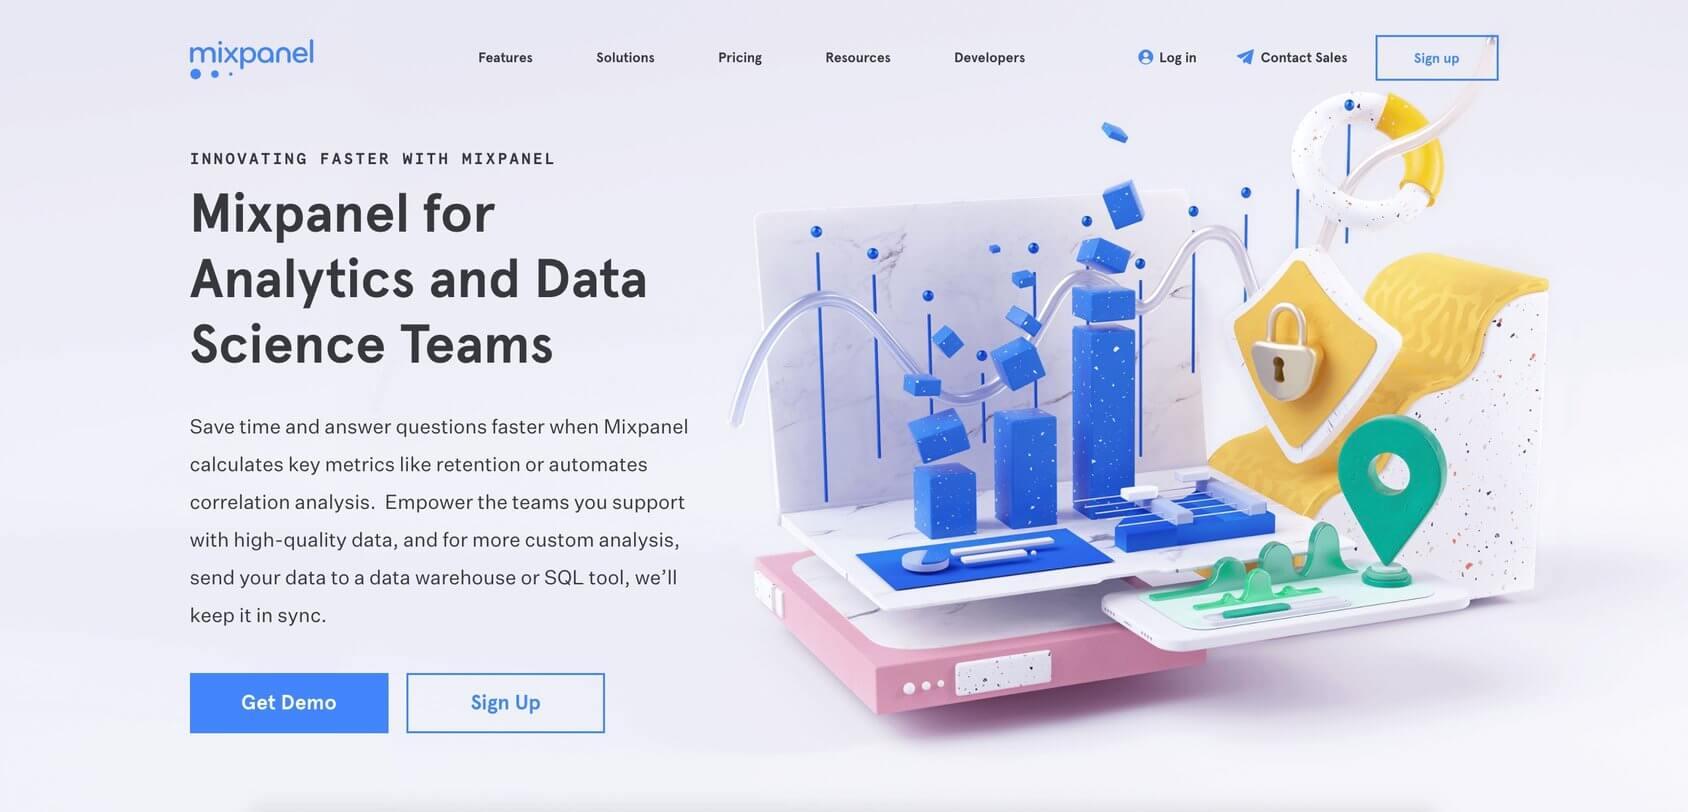 Mixpanel homepage